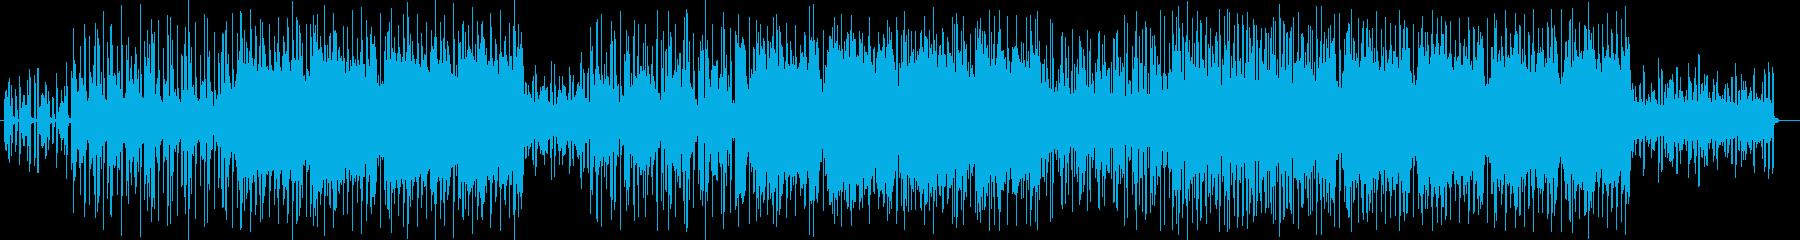 おしゃれなシンセサイザーなどのサウンドの再生済みの波形